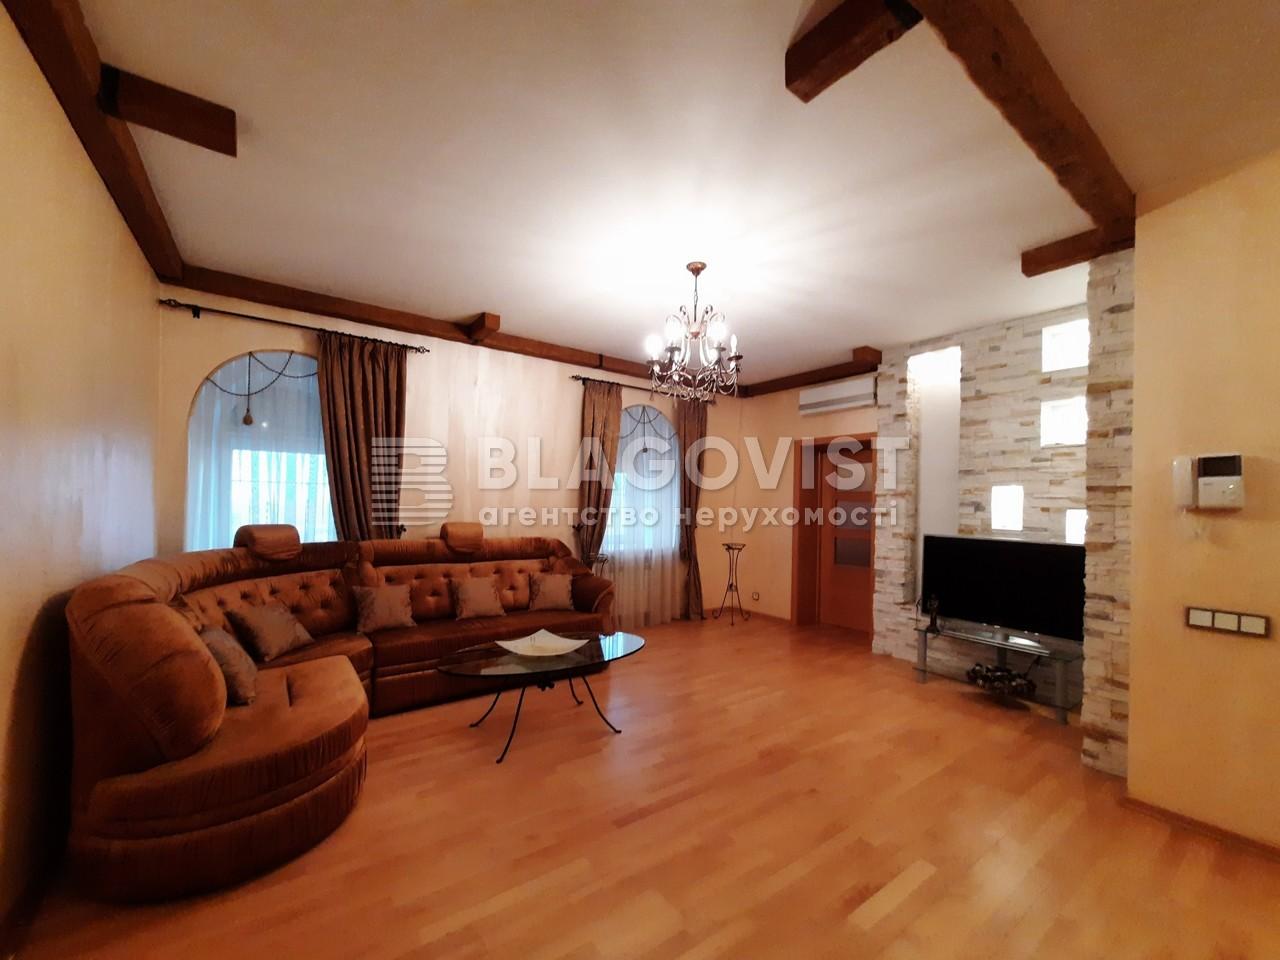 Квартира G-24641, Волошская, 51/27, Киев - Фото 8